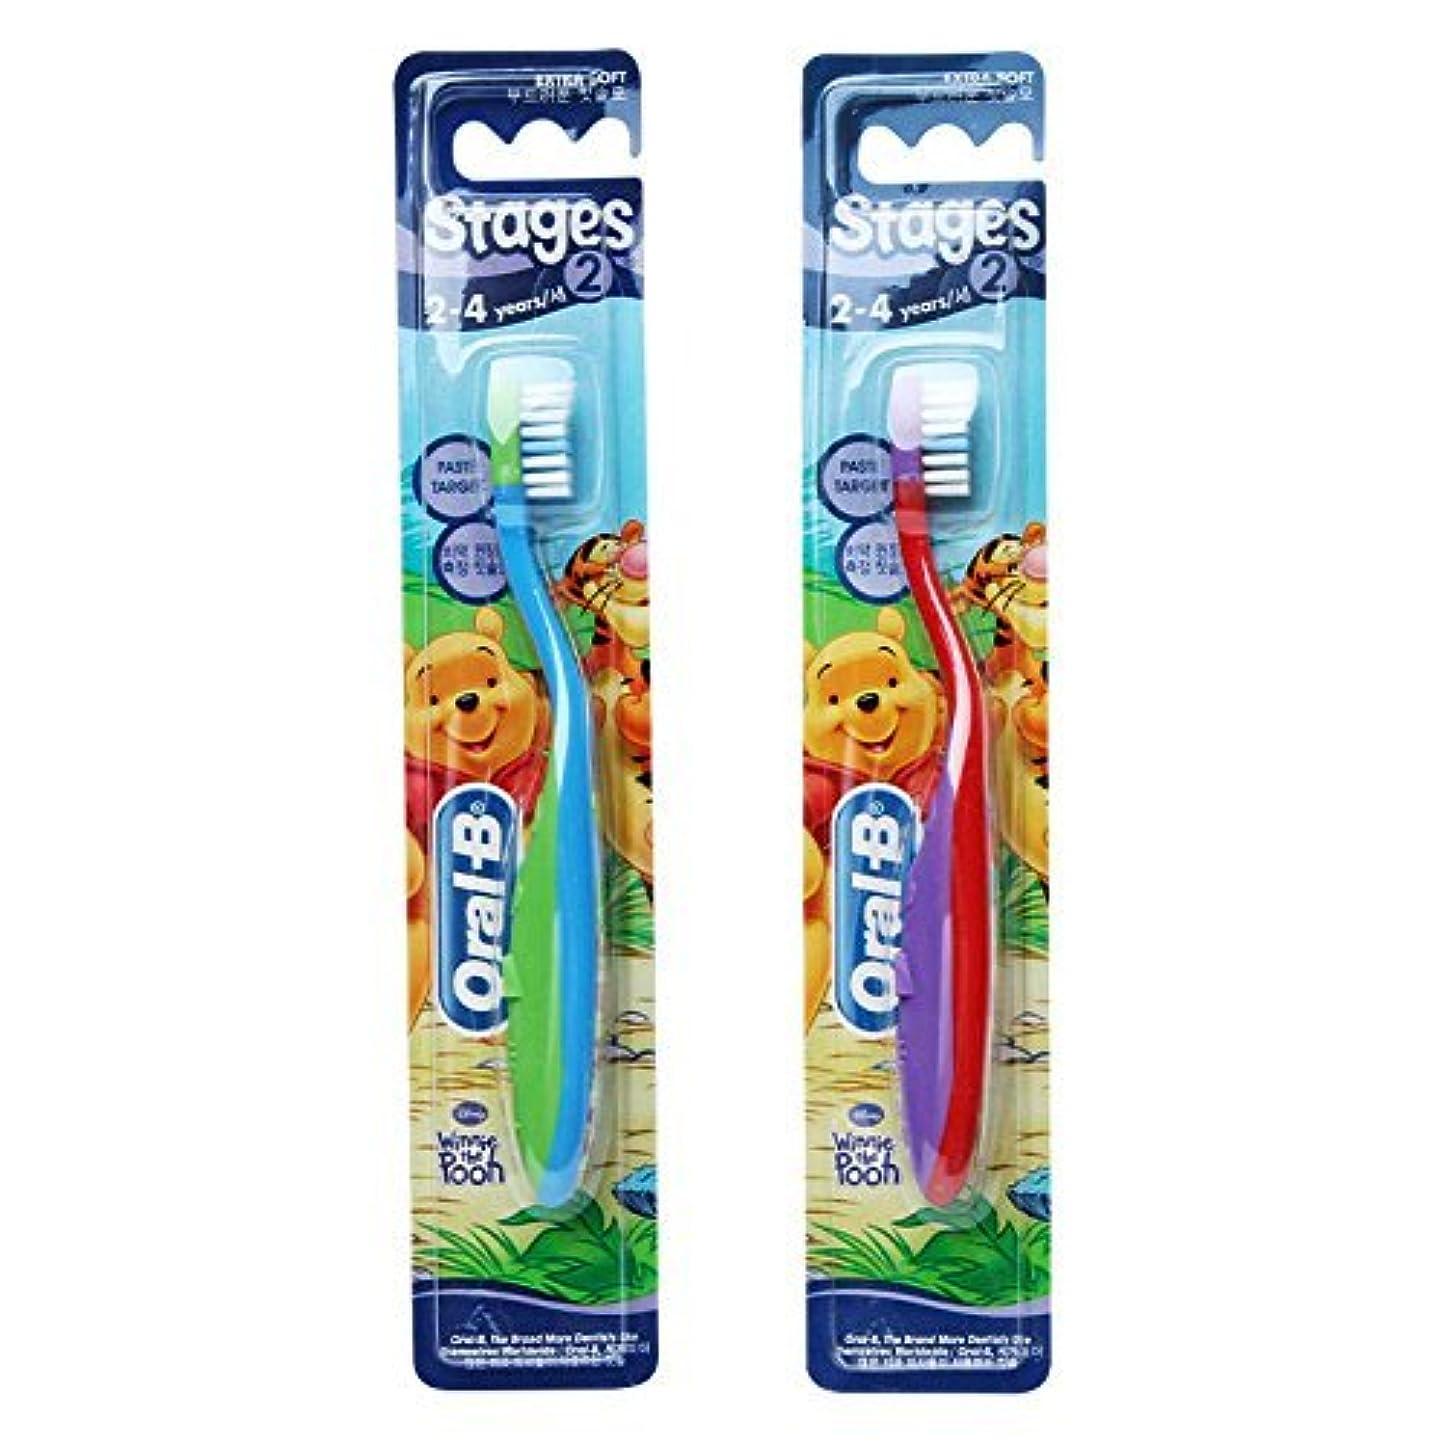 残高レイアウト受賞Oral-B Stages 2 Toothbrush 2 - 4 years 2 Pack /GENUINEと元の梱包 [並行輸入品]